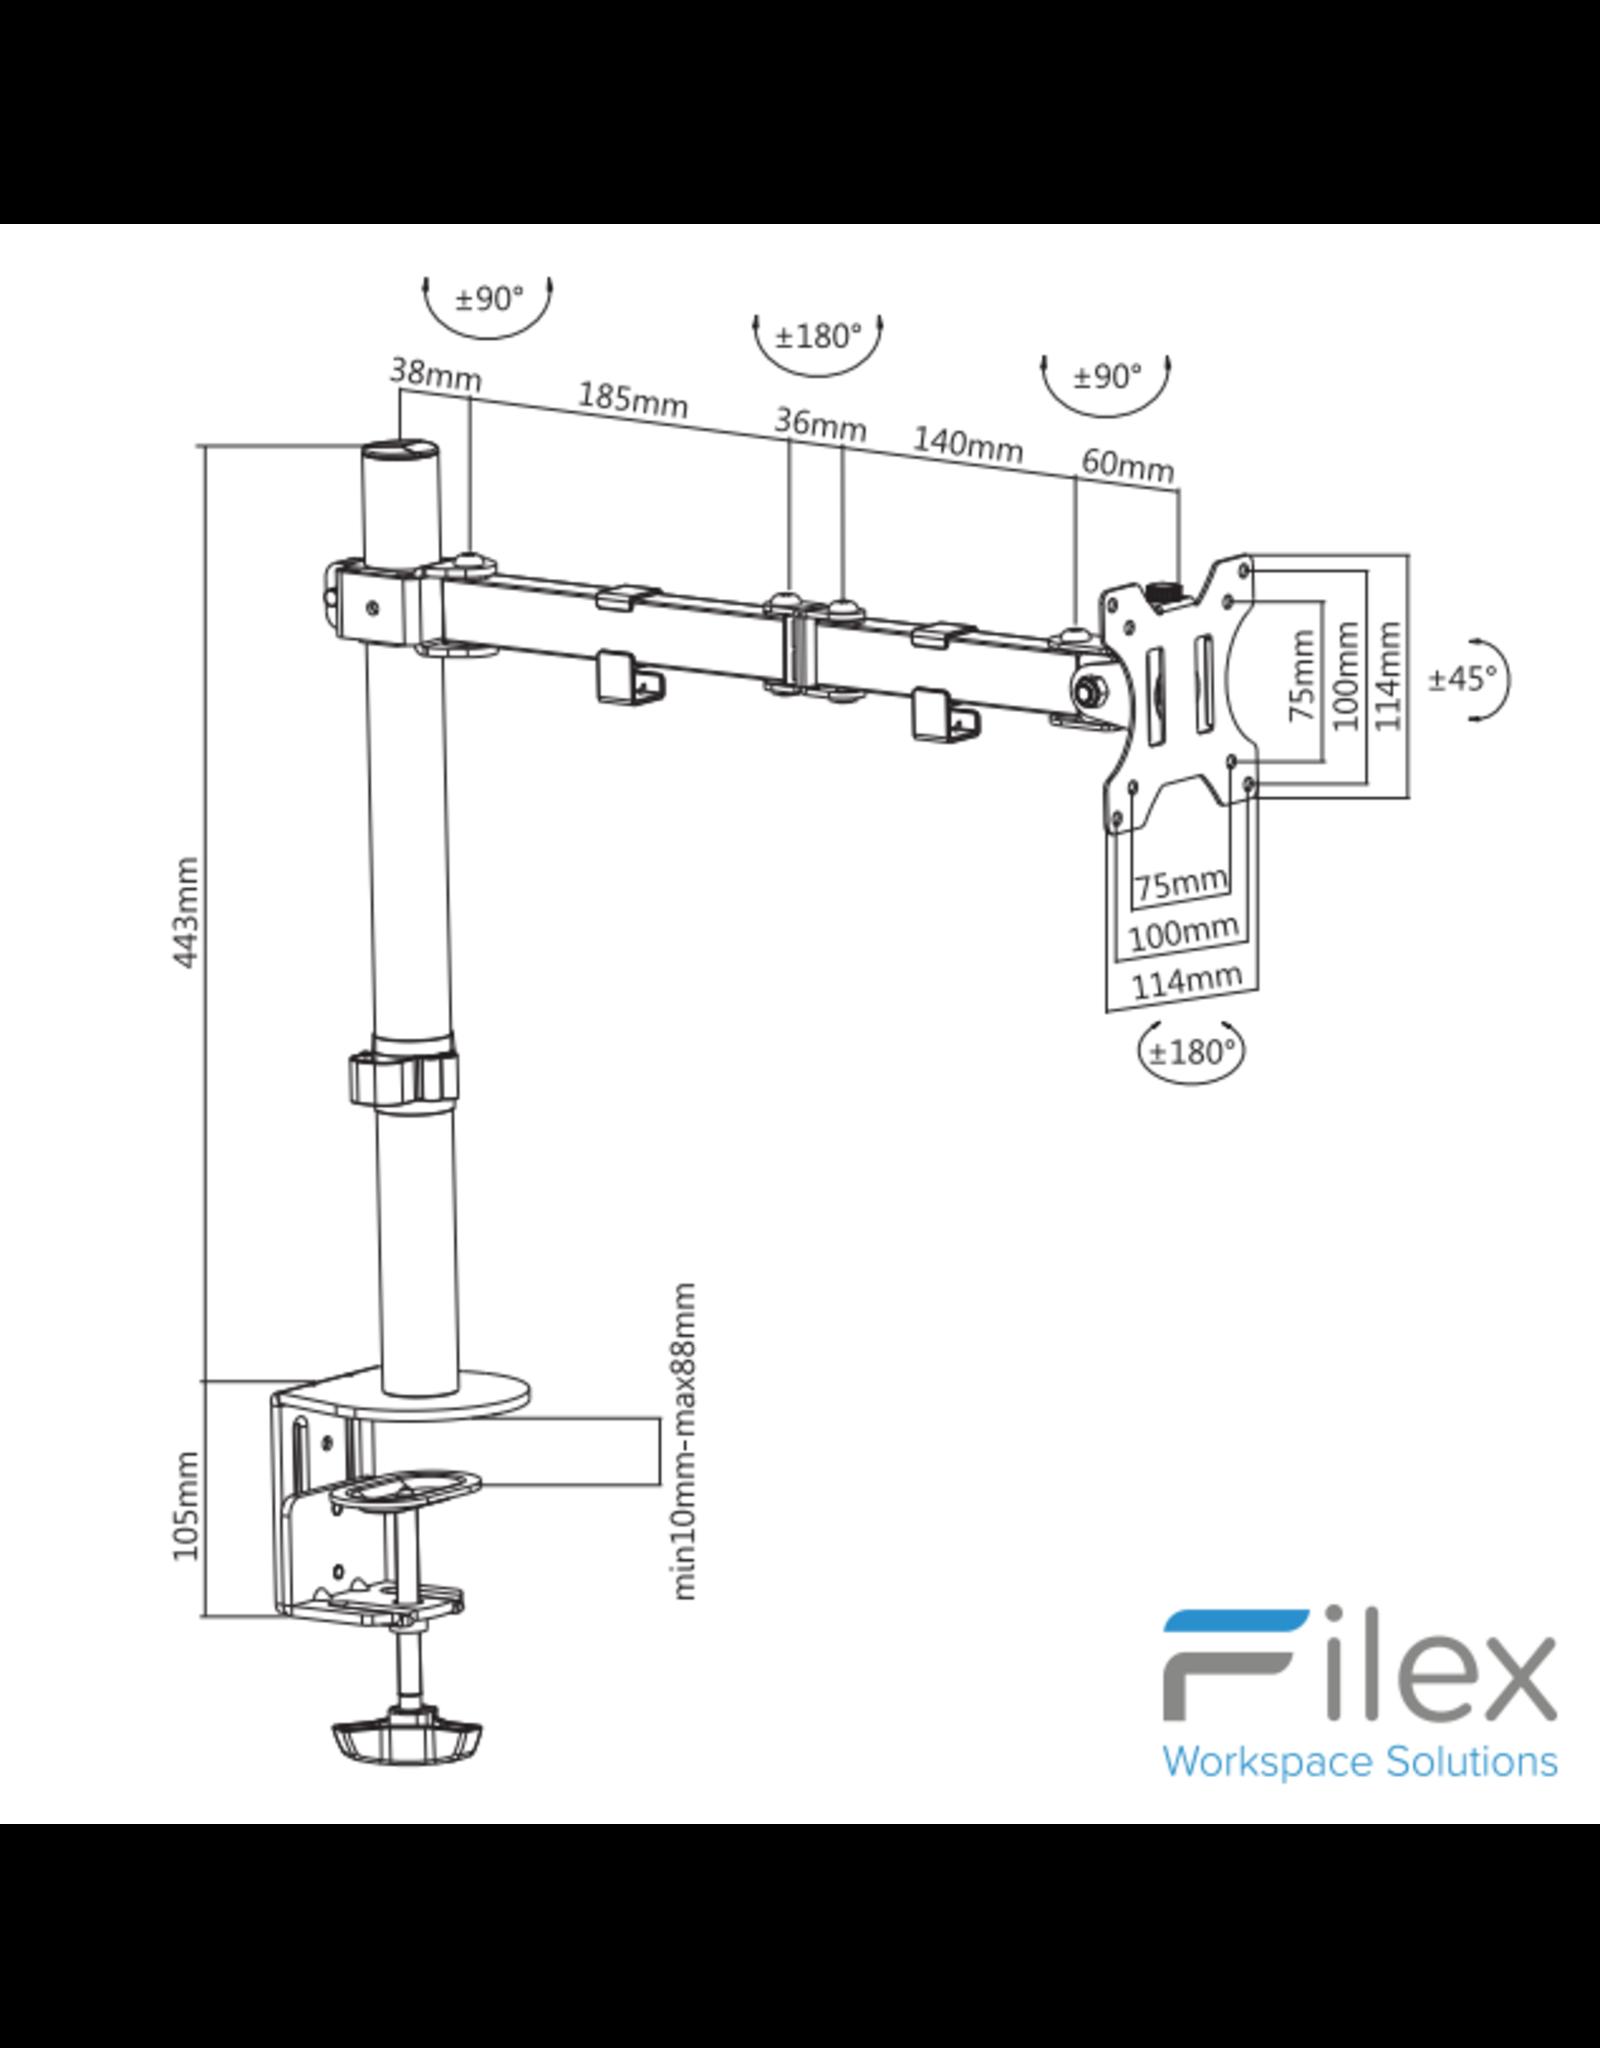 Filex Focus Monitorarm 2